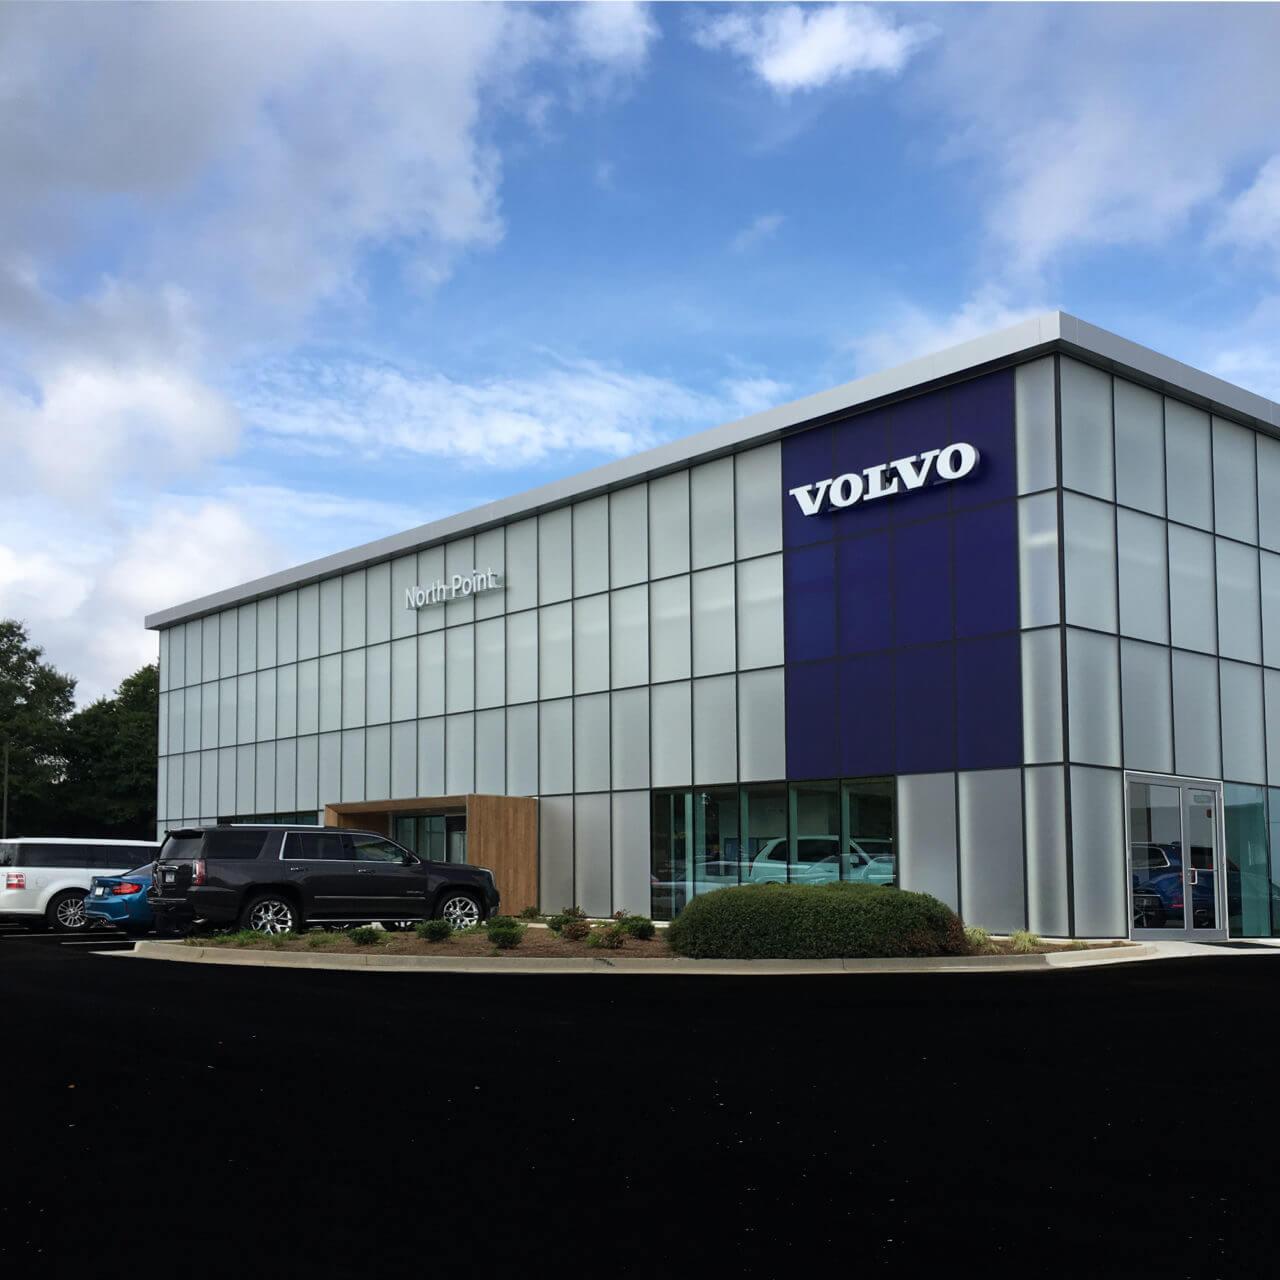 North Point Volvo Alpharetta Georgia: Architecture